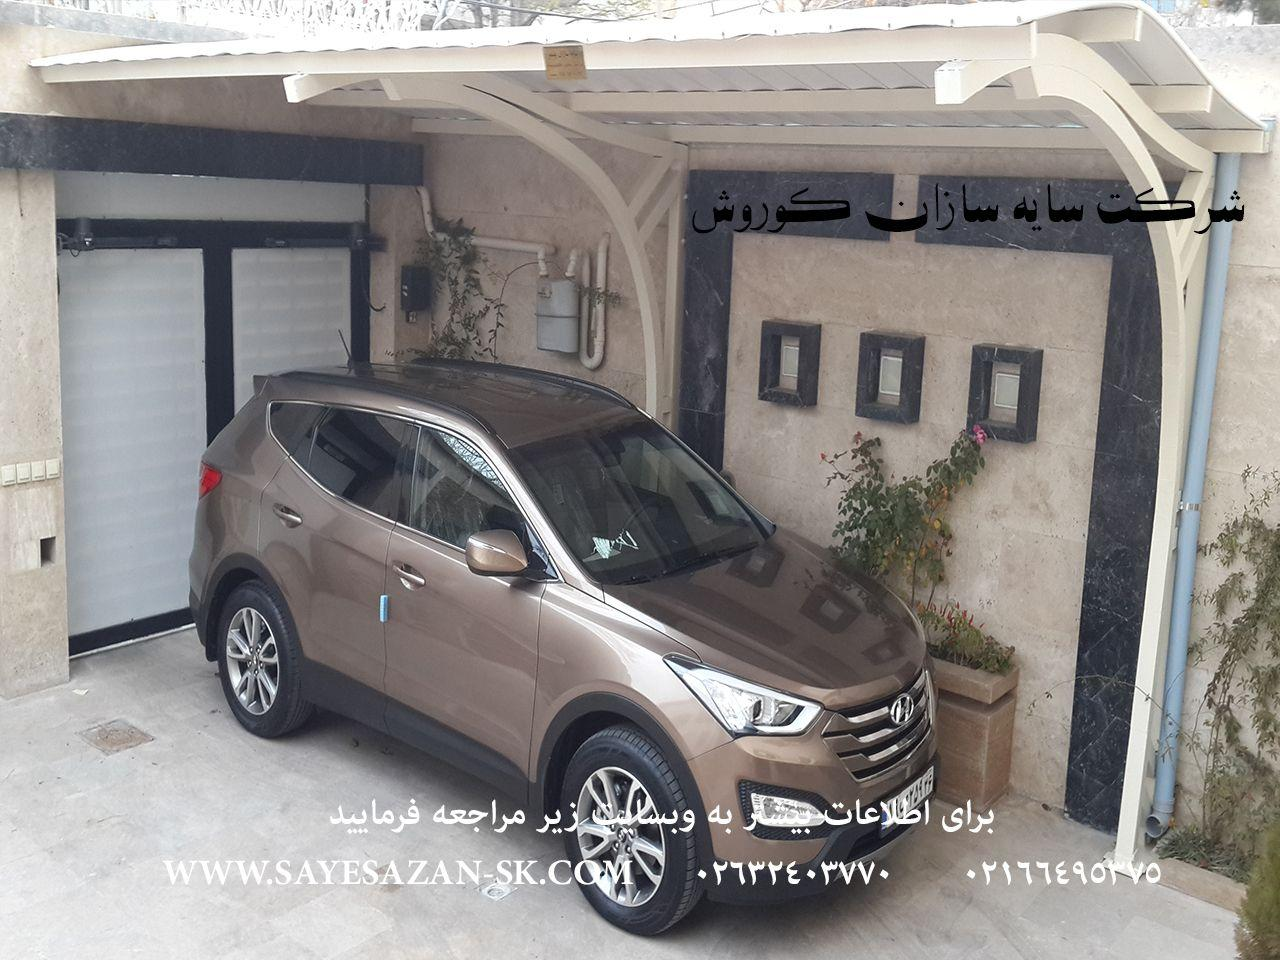 اجرا ، ساخت و تولید سایبان پارکینگ ماشین خودرو اتومبیل اداری و حیاط در تهران کرج مشهد